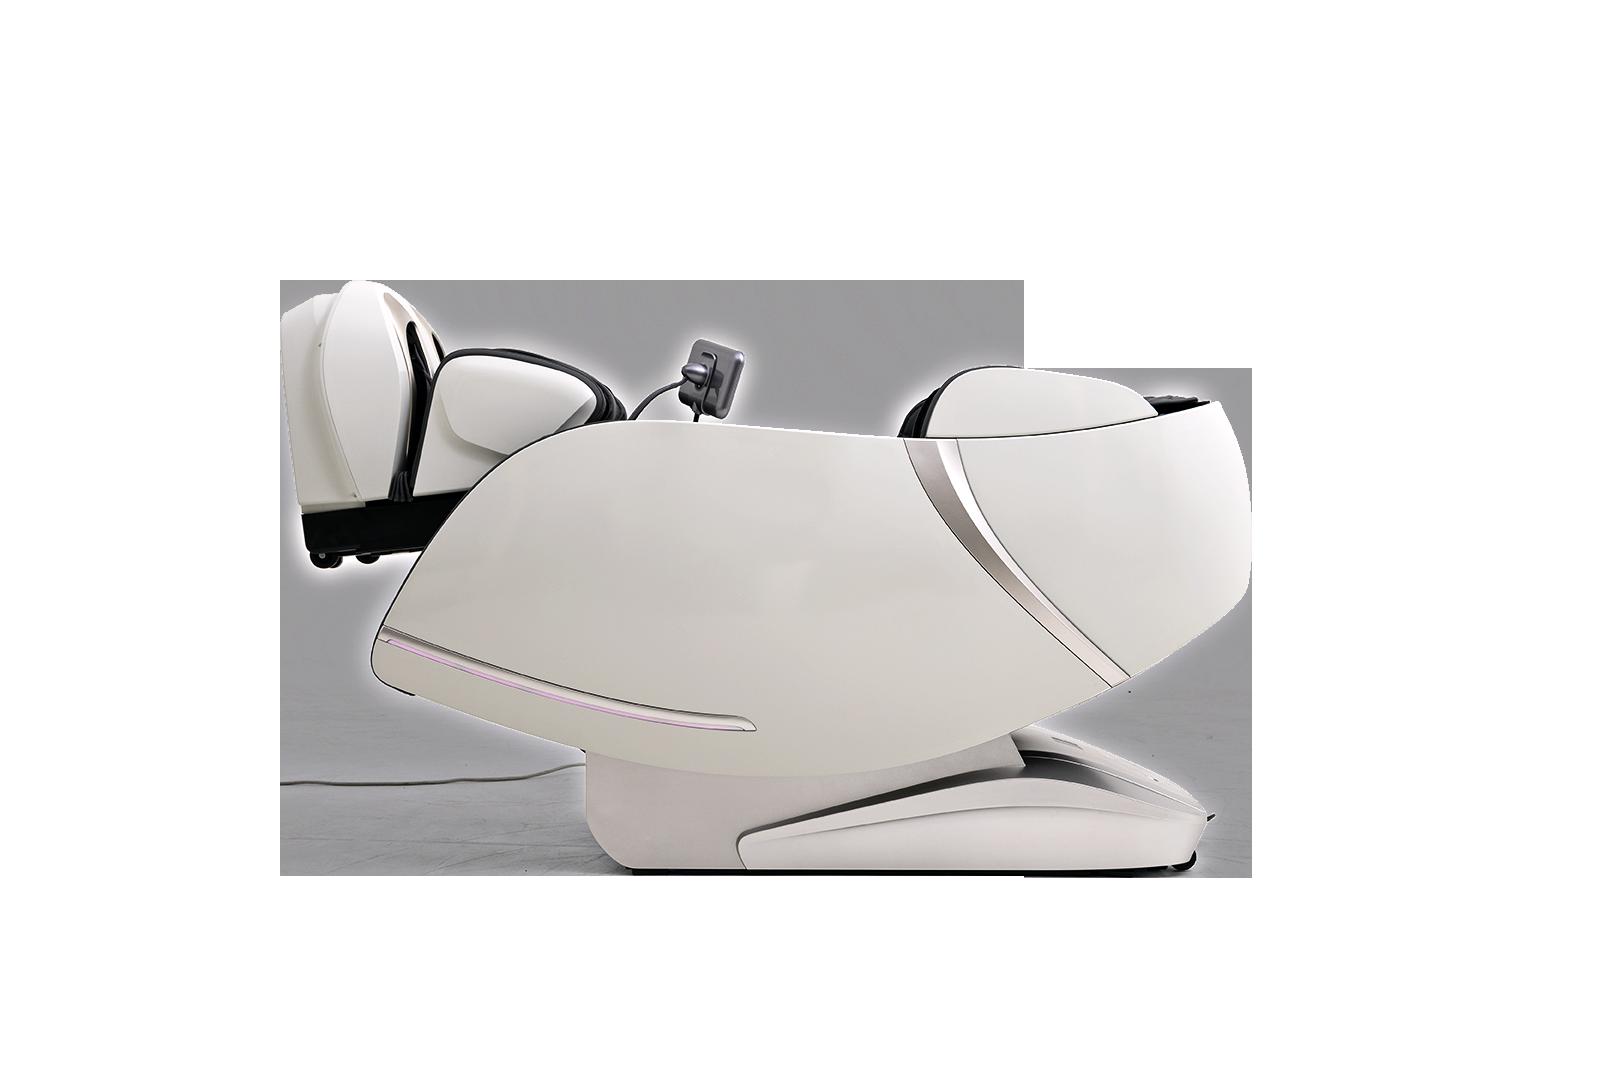 Casada SkyLiner 2 - Количество автоматических программ: 23 авто + 7 ручных